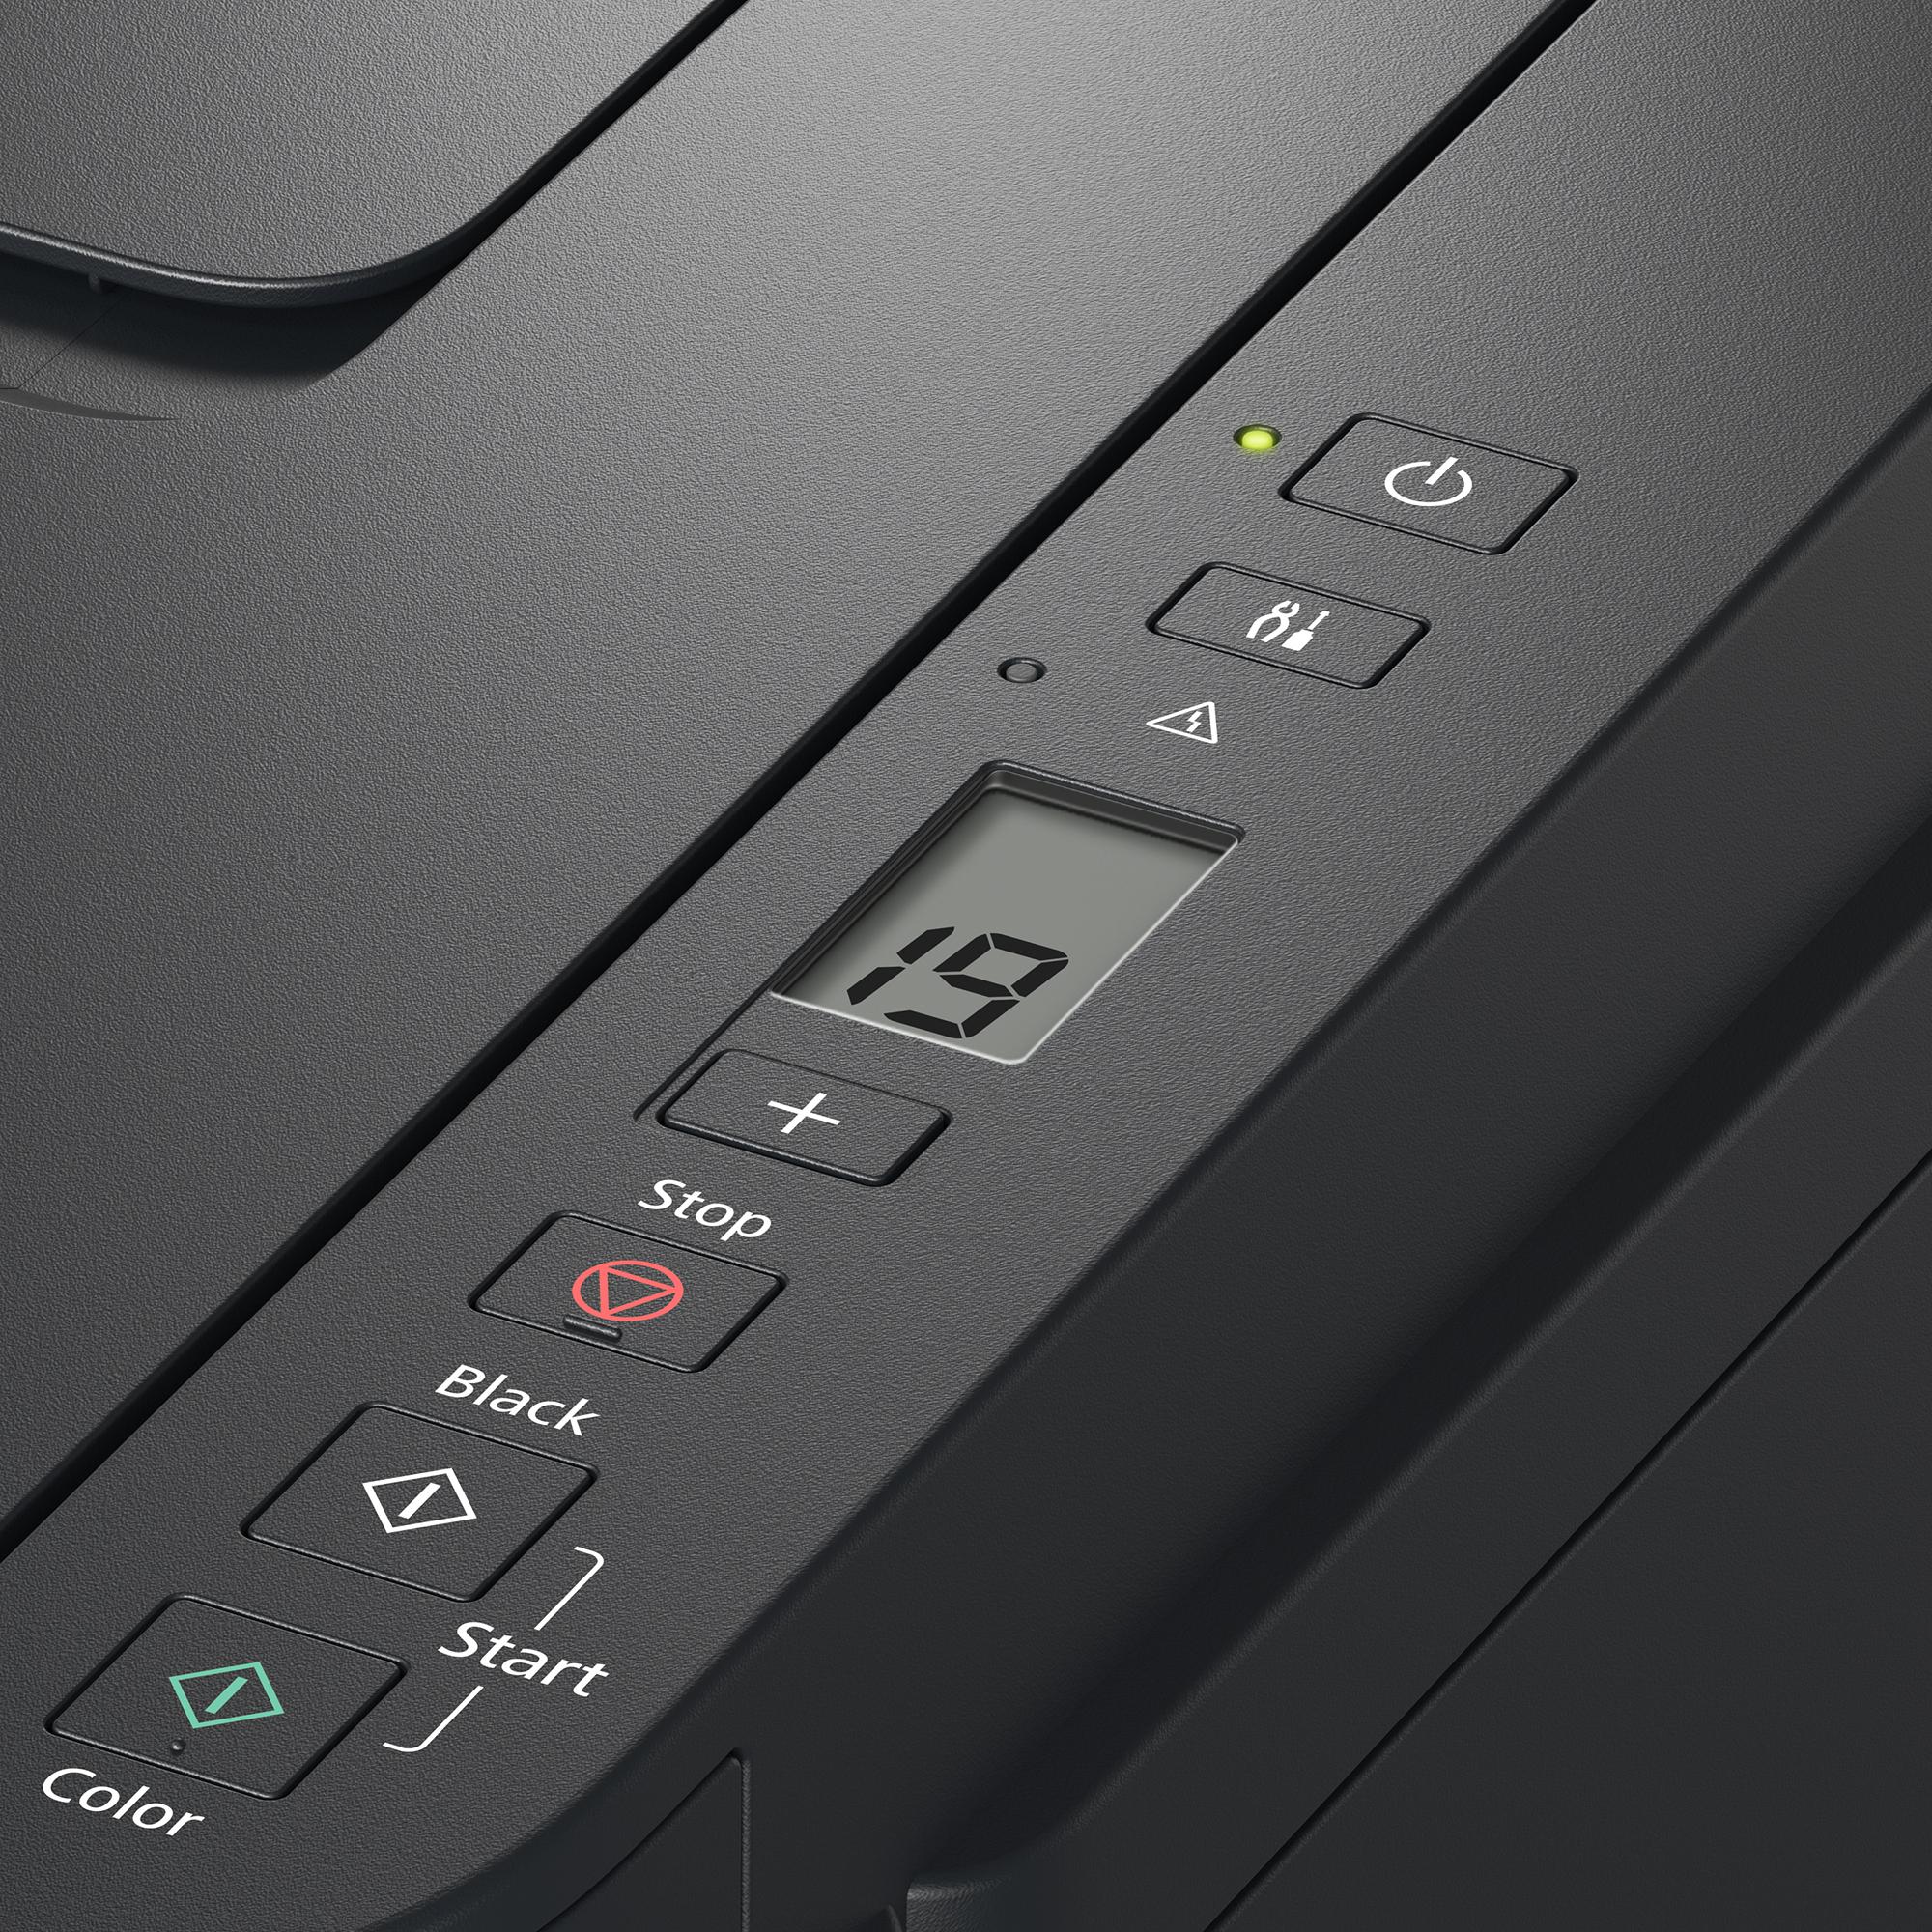 Inkjet Printers - PIXMA G2010 - Canon Philippines